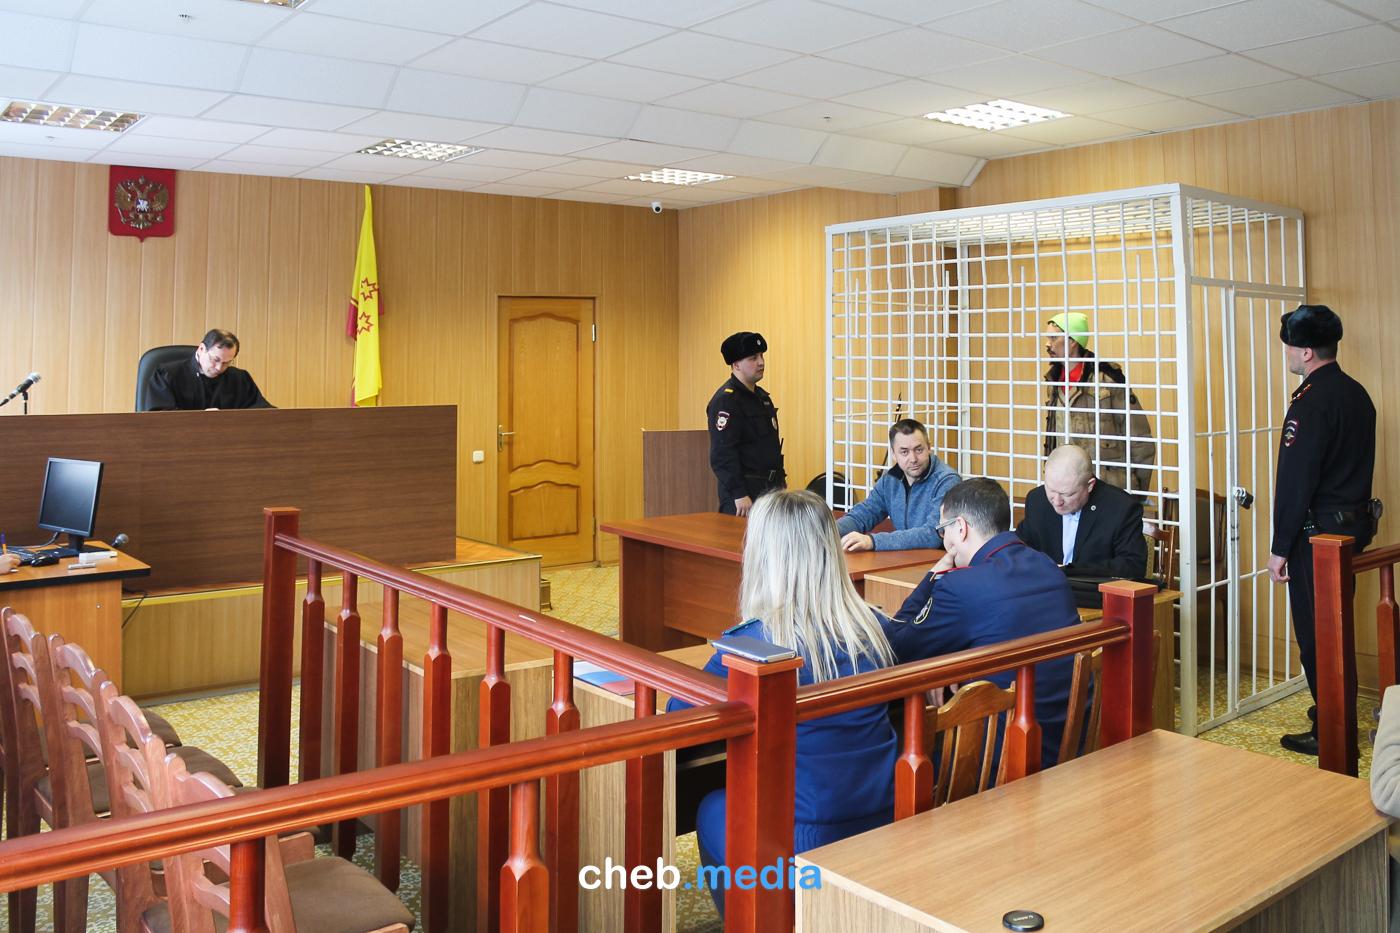 Дело Ишутова: первое решение в пользу обвиняемого. Как так получилось?